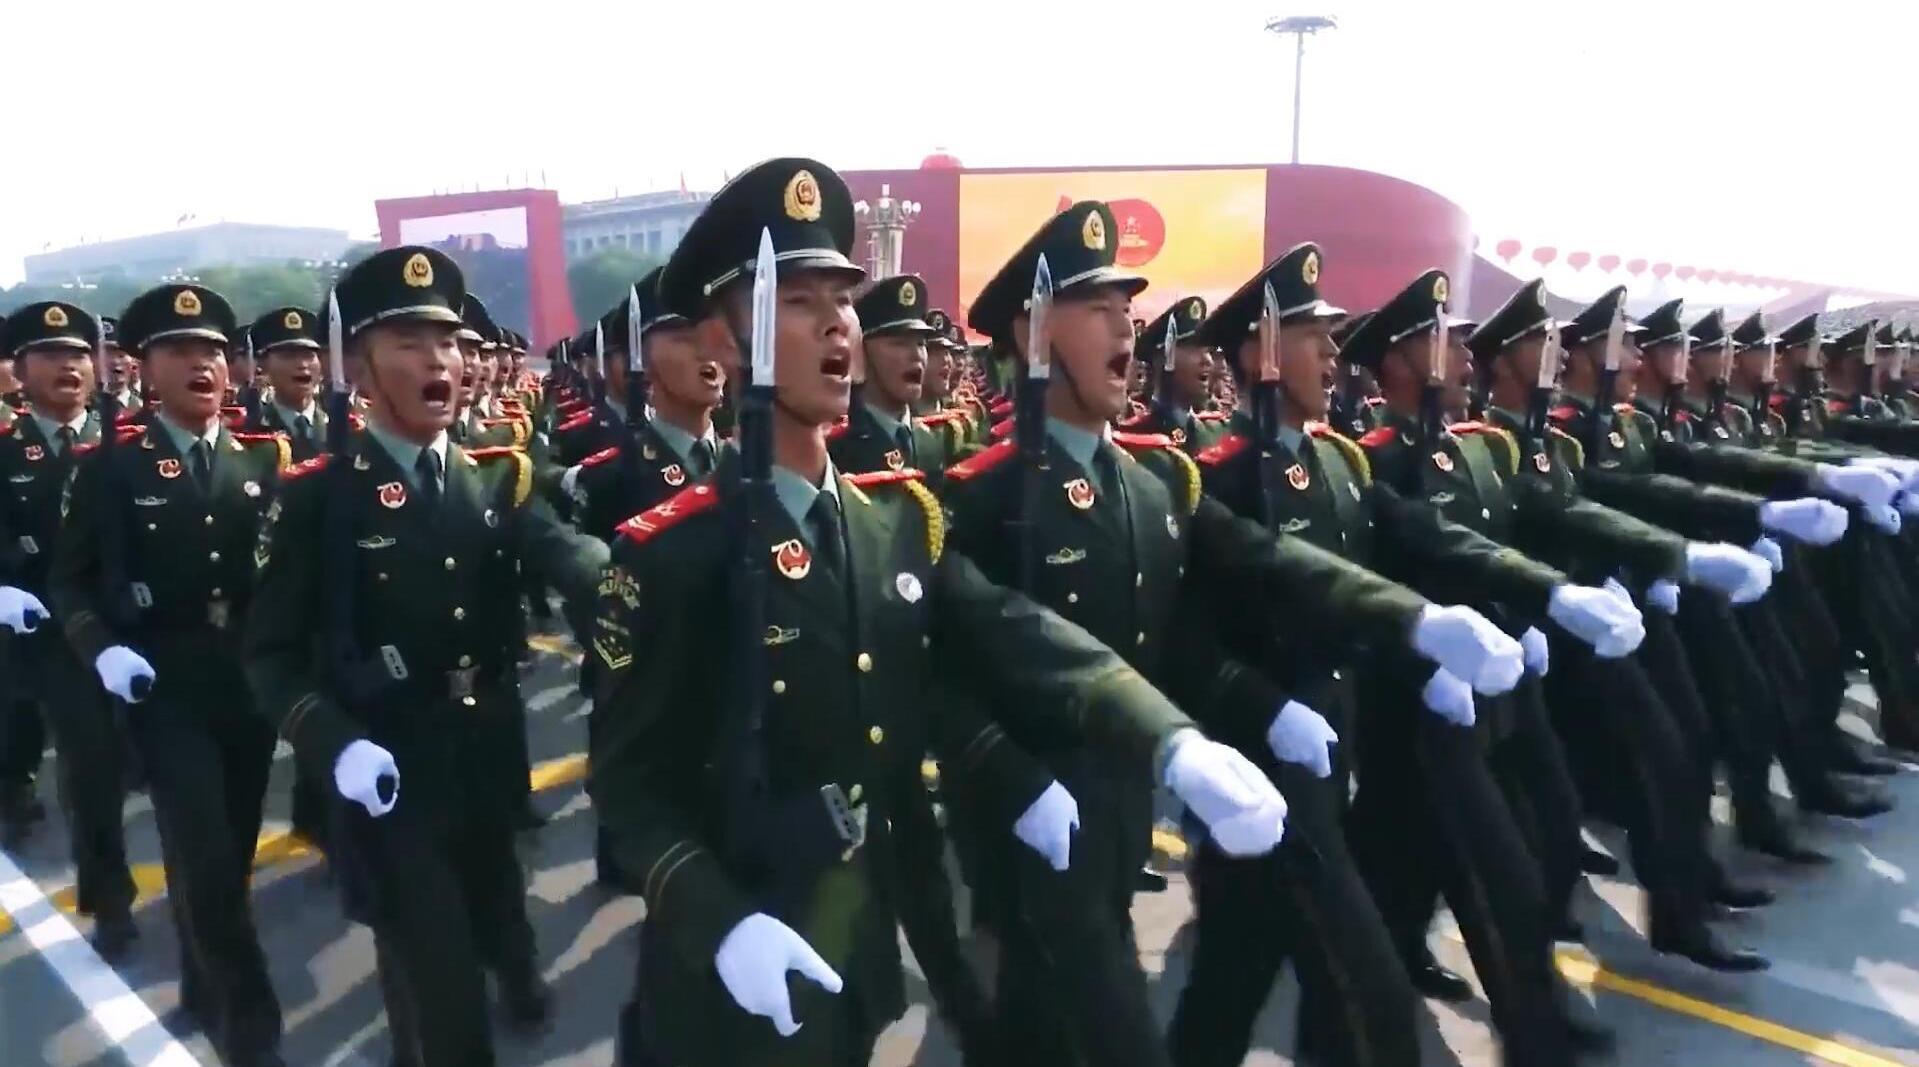 新中国70周年大阅兵,武警部队方队稳步走来,英姿飒爽整齐划一!